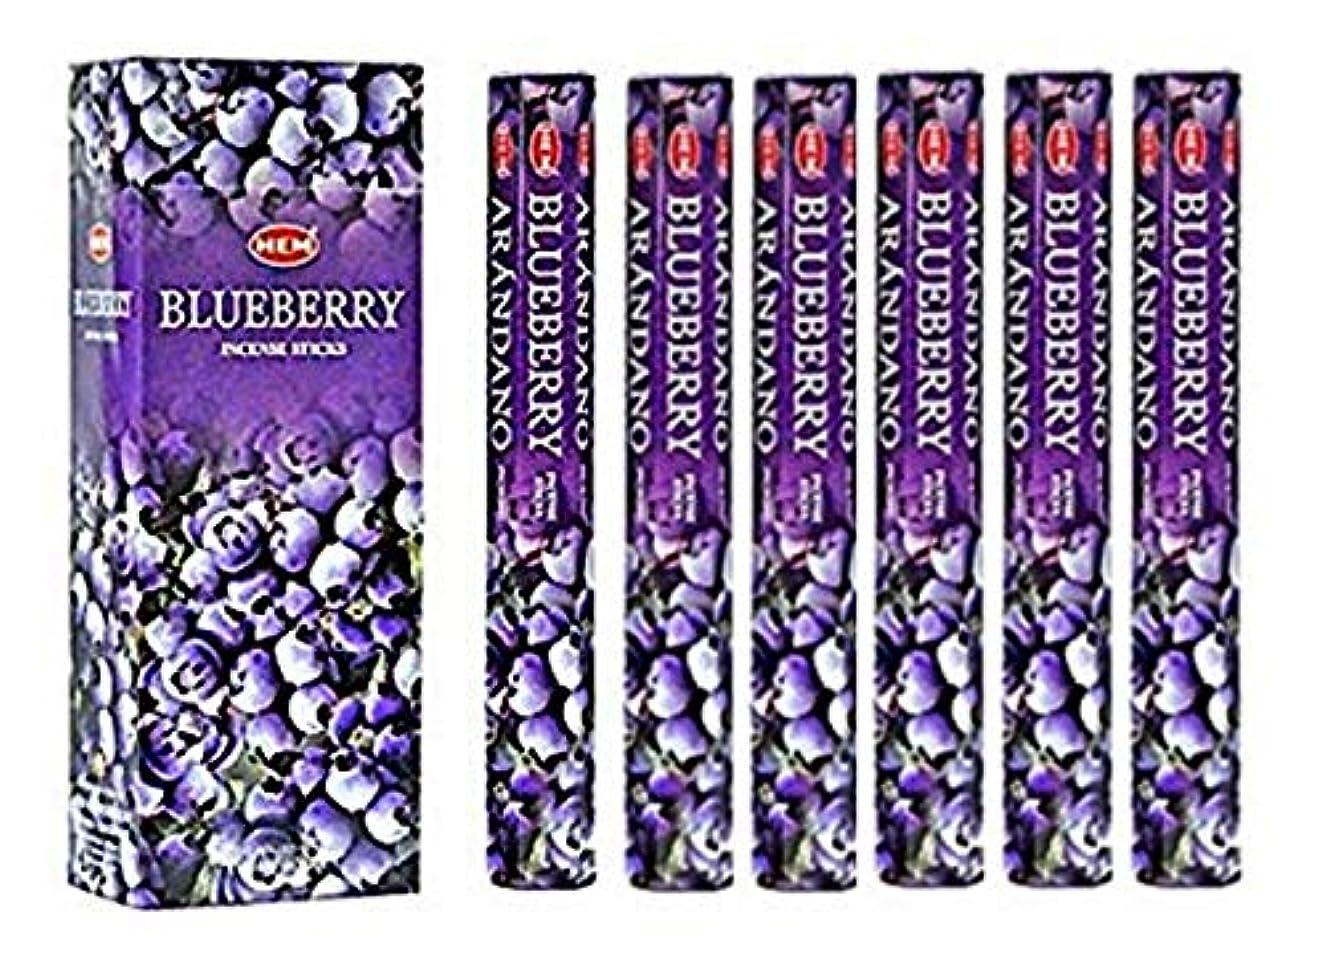 屈辱するトン外部Blueberry - Box of Six 20 Stick Tubes, 120 Sticks Total - HEM Incense by HEM 6 Pack 20 Stick